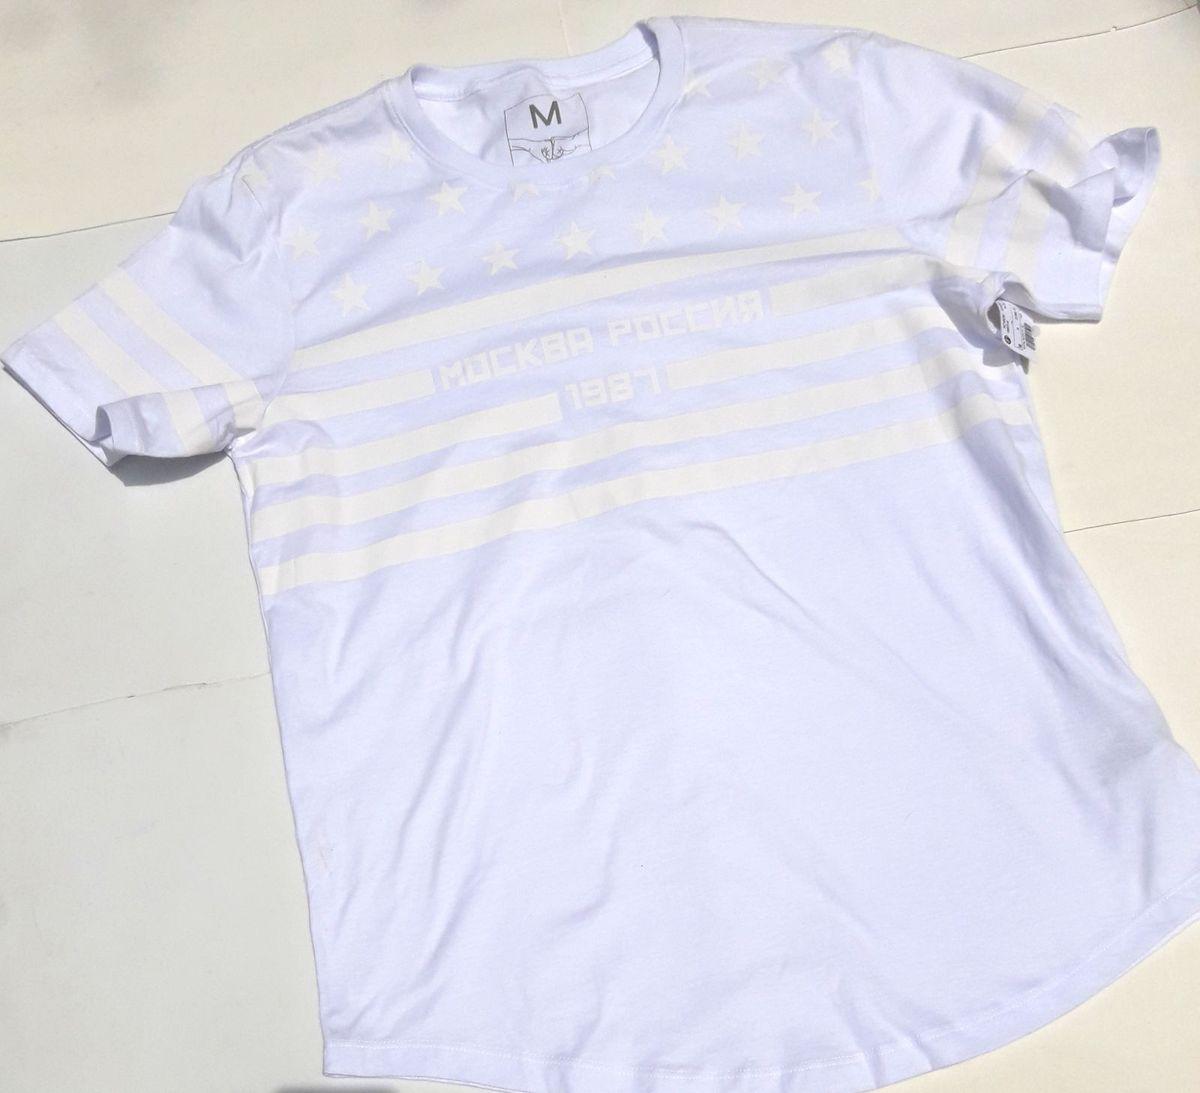 da3fbc0cd0 camisa blusa branca masculina com cós arredondado - camisas blue steel  modelo